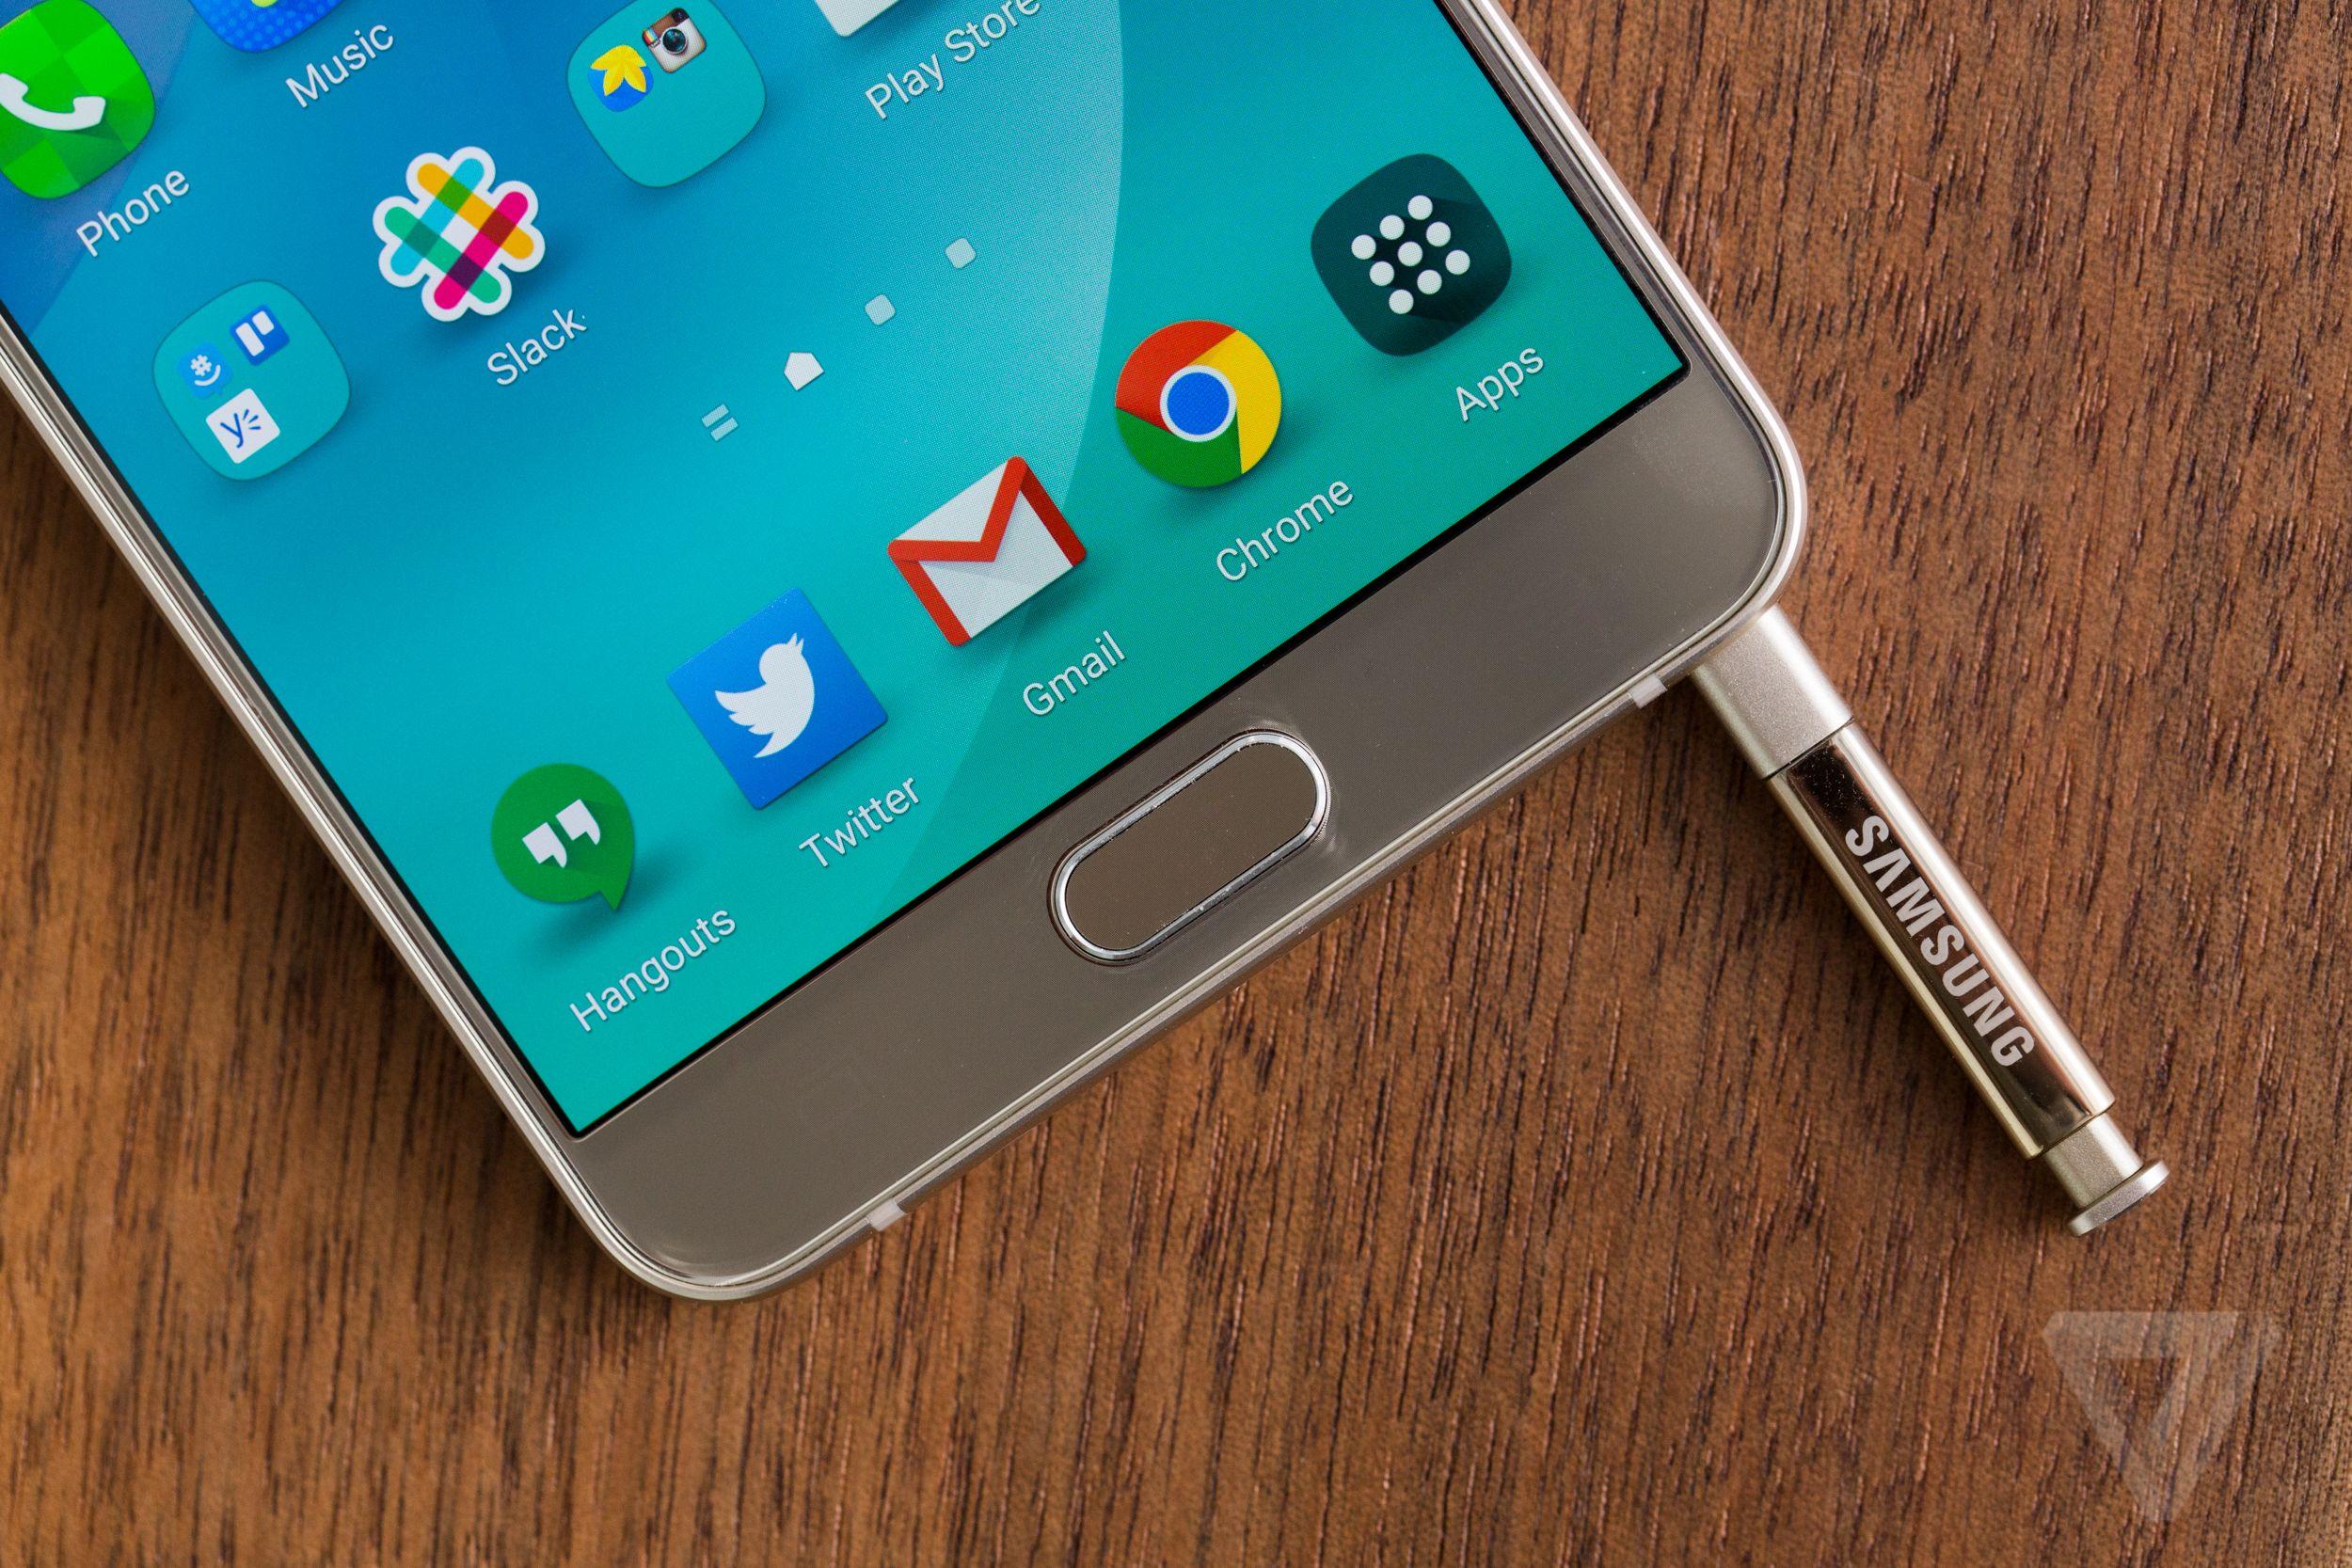 کمپانی سامسونگ نسخه 128 گیگابایتی گلکسی نوت 5 را به بازار عرضه میکند